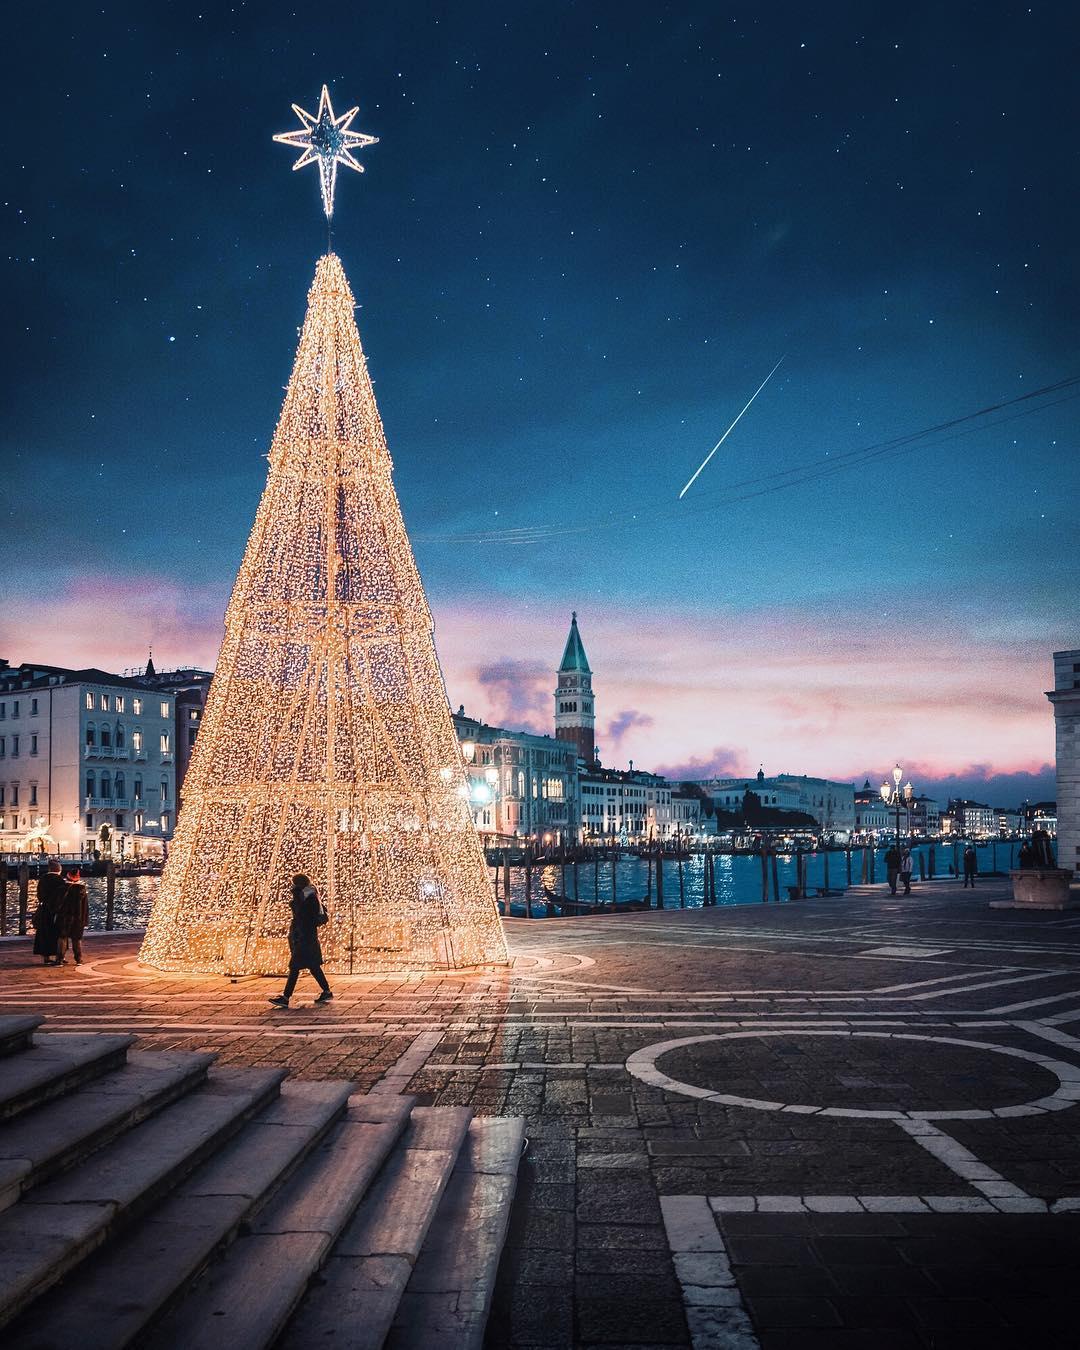 Городские пейзажи Венеции на снимках Марко Гаджио